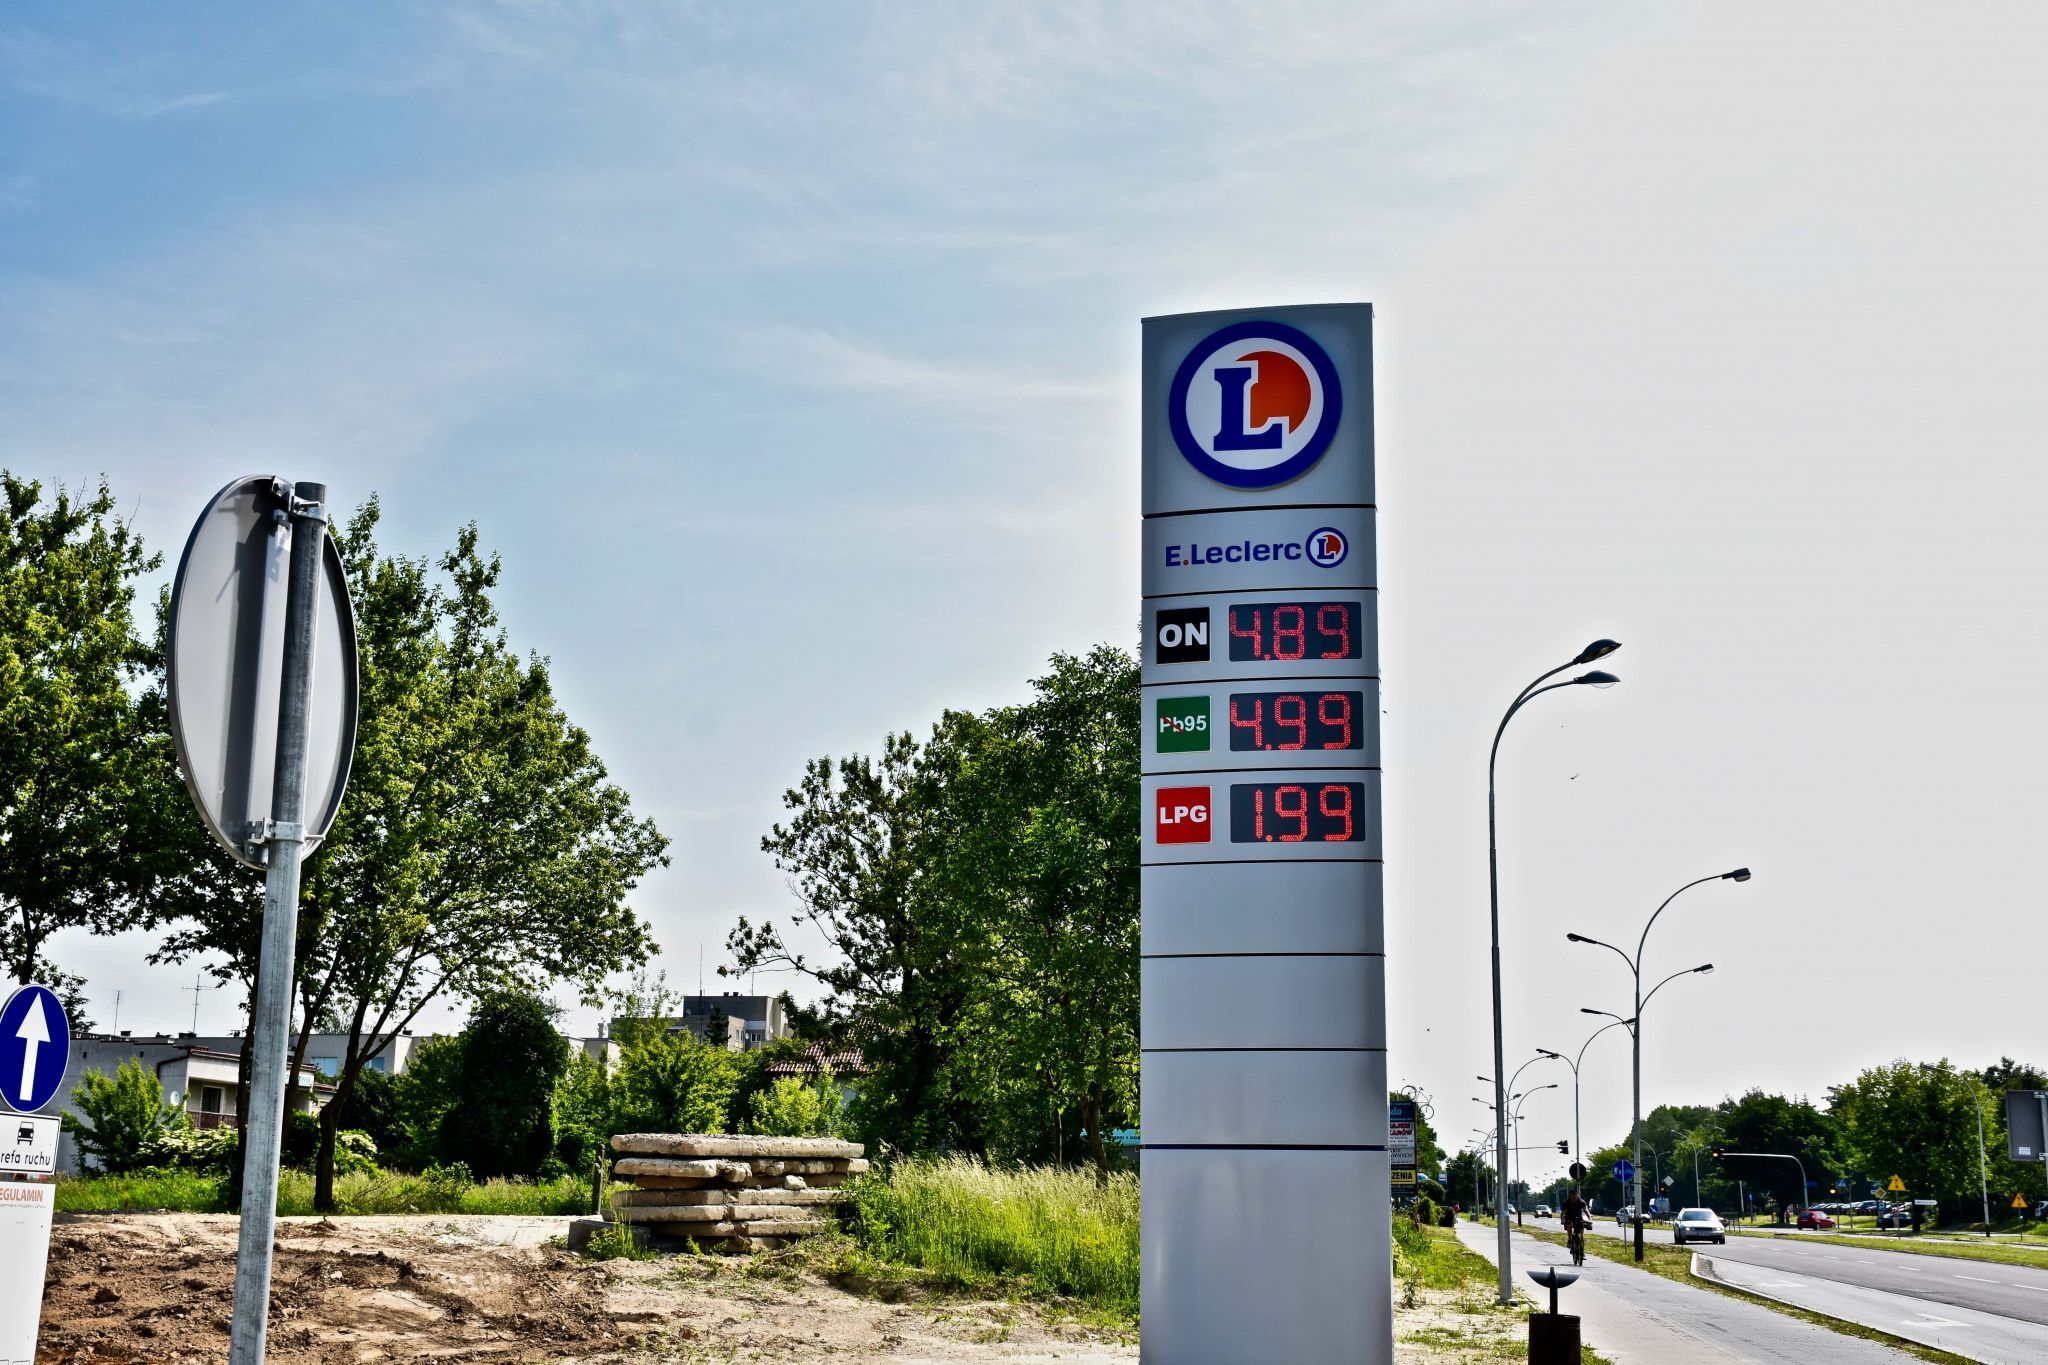 dsc 8880 Wczoraj obniżka, dzisiaj jeszcze taniej na stacji E.Leclerc w Zamościu!